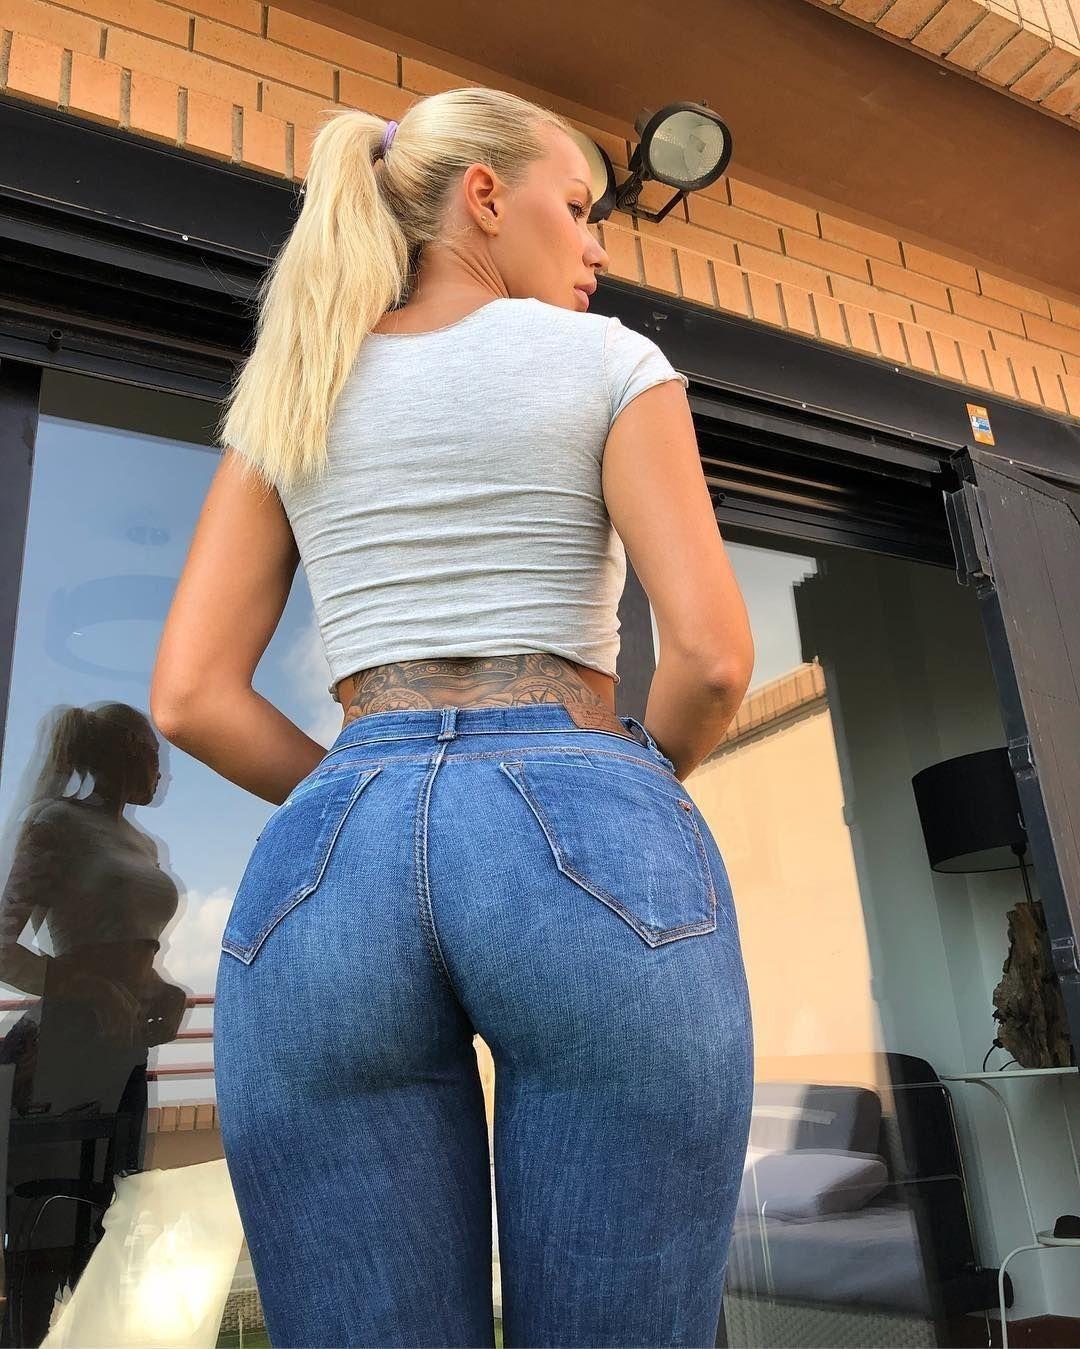 Tight jeans milf pics